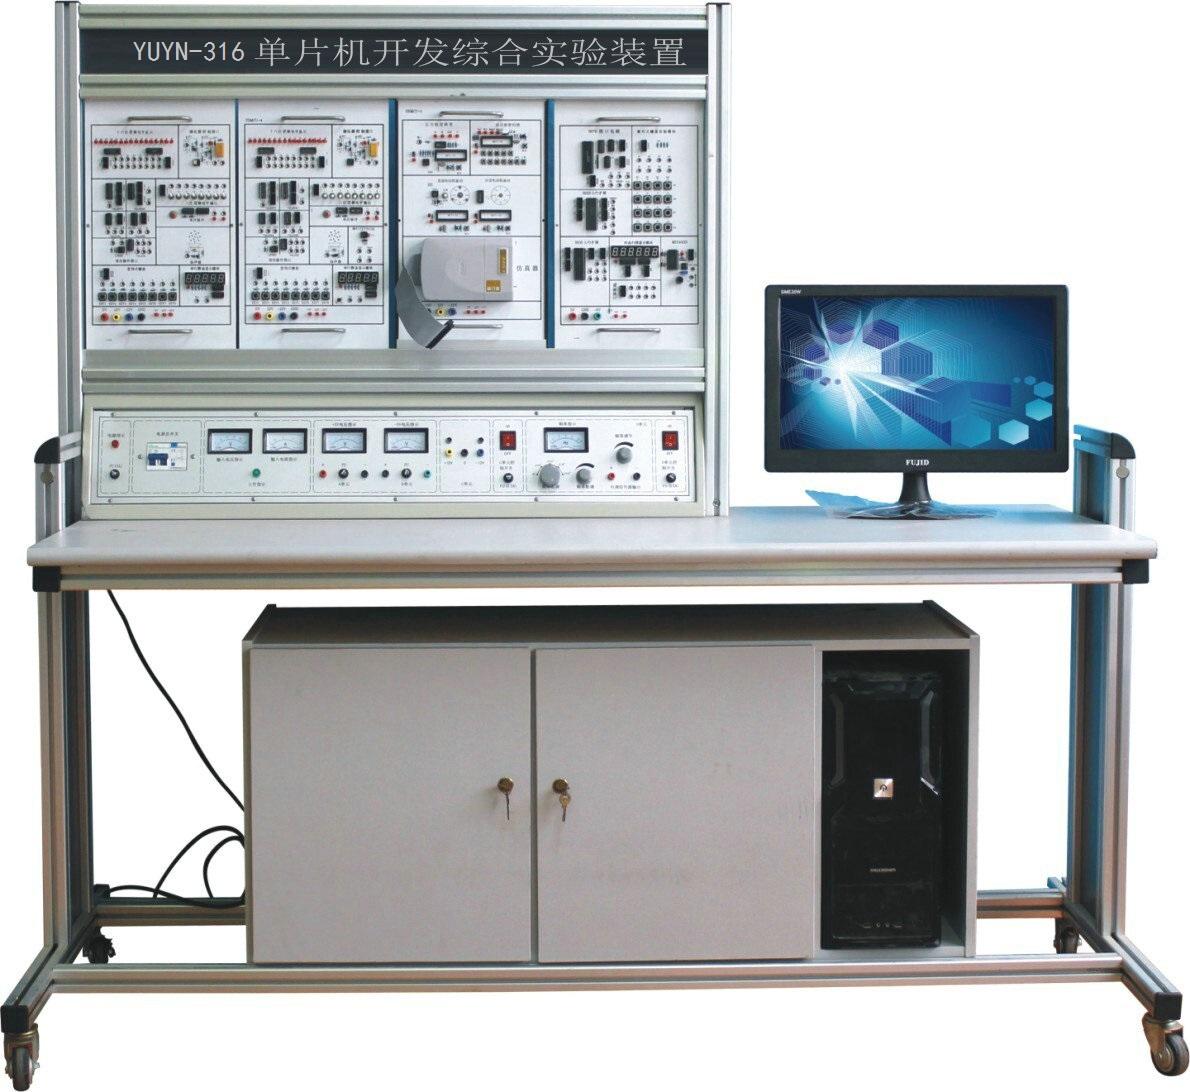 继电器驱动电路 7.74ls245读入数据电路 8.74ls273读出数据电路 9.